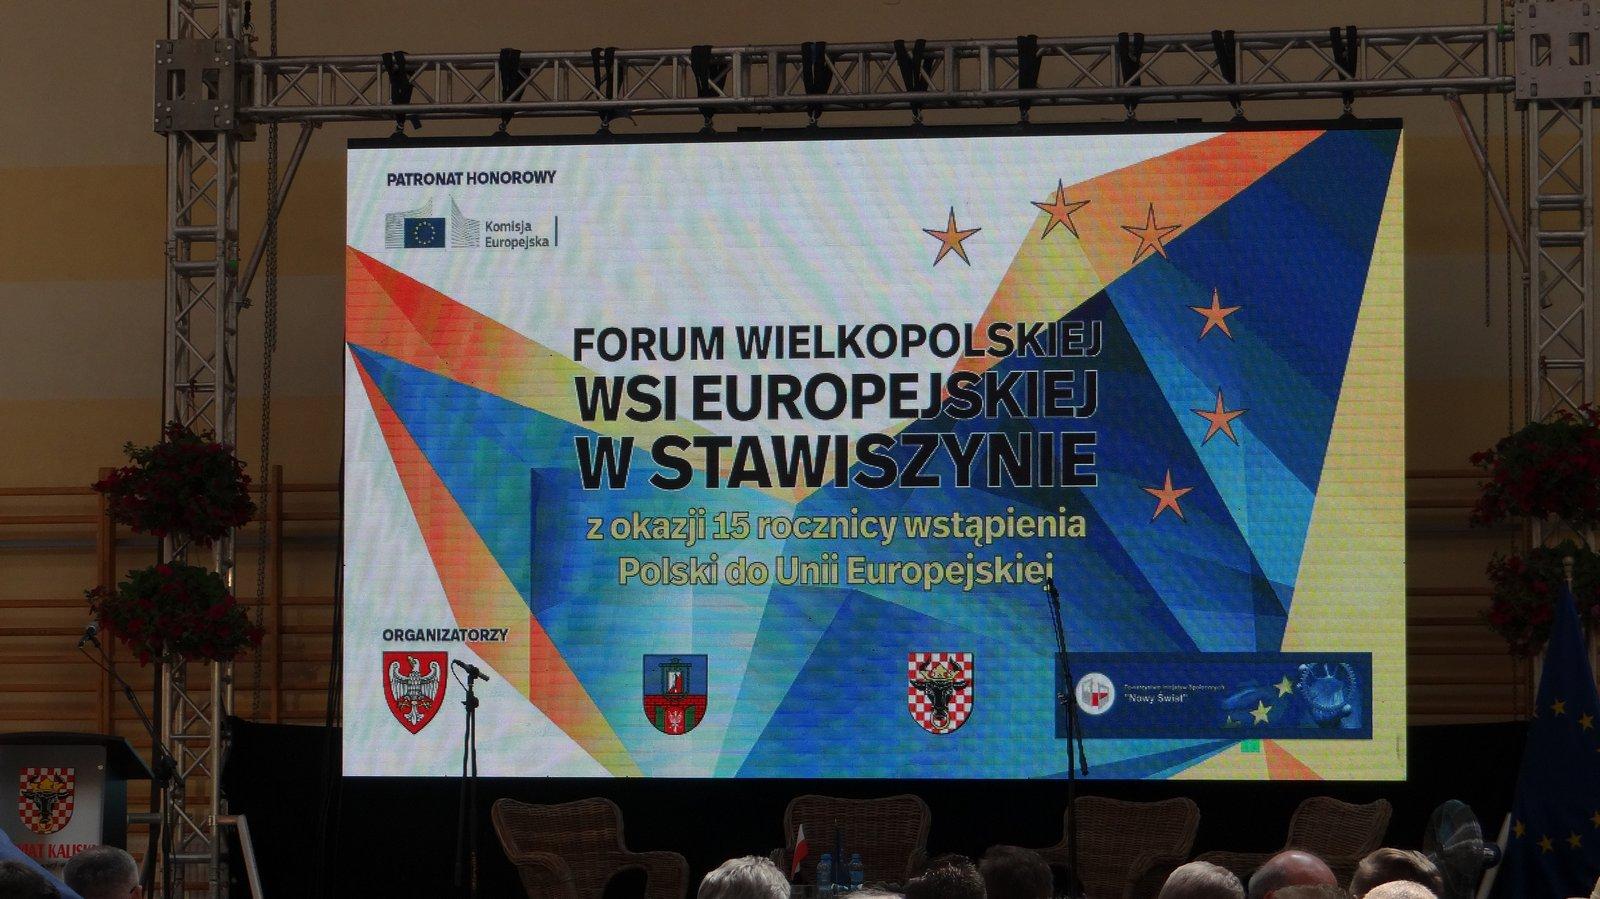 dsc09441 - Wielkopolska zaradność i pracowitość doceniona na Forum Wielkopolskiej Wsi Europejskiej